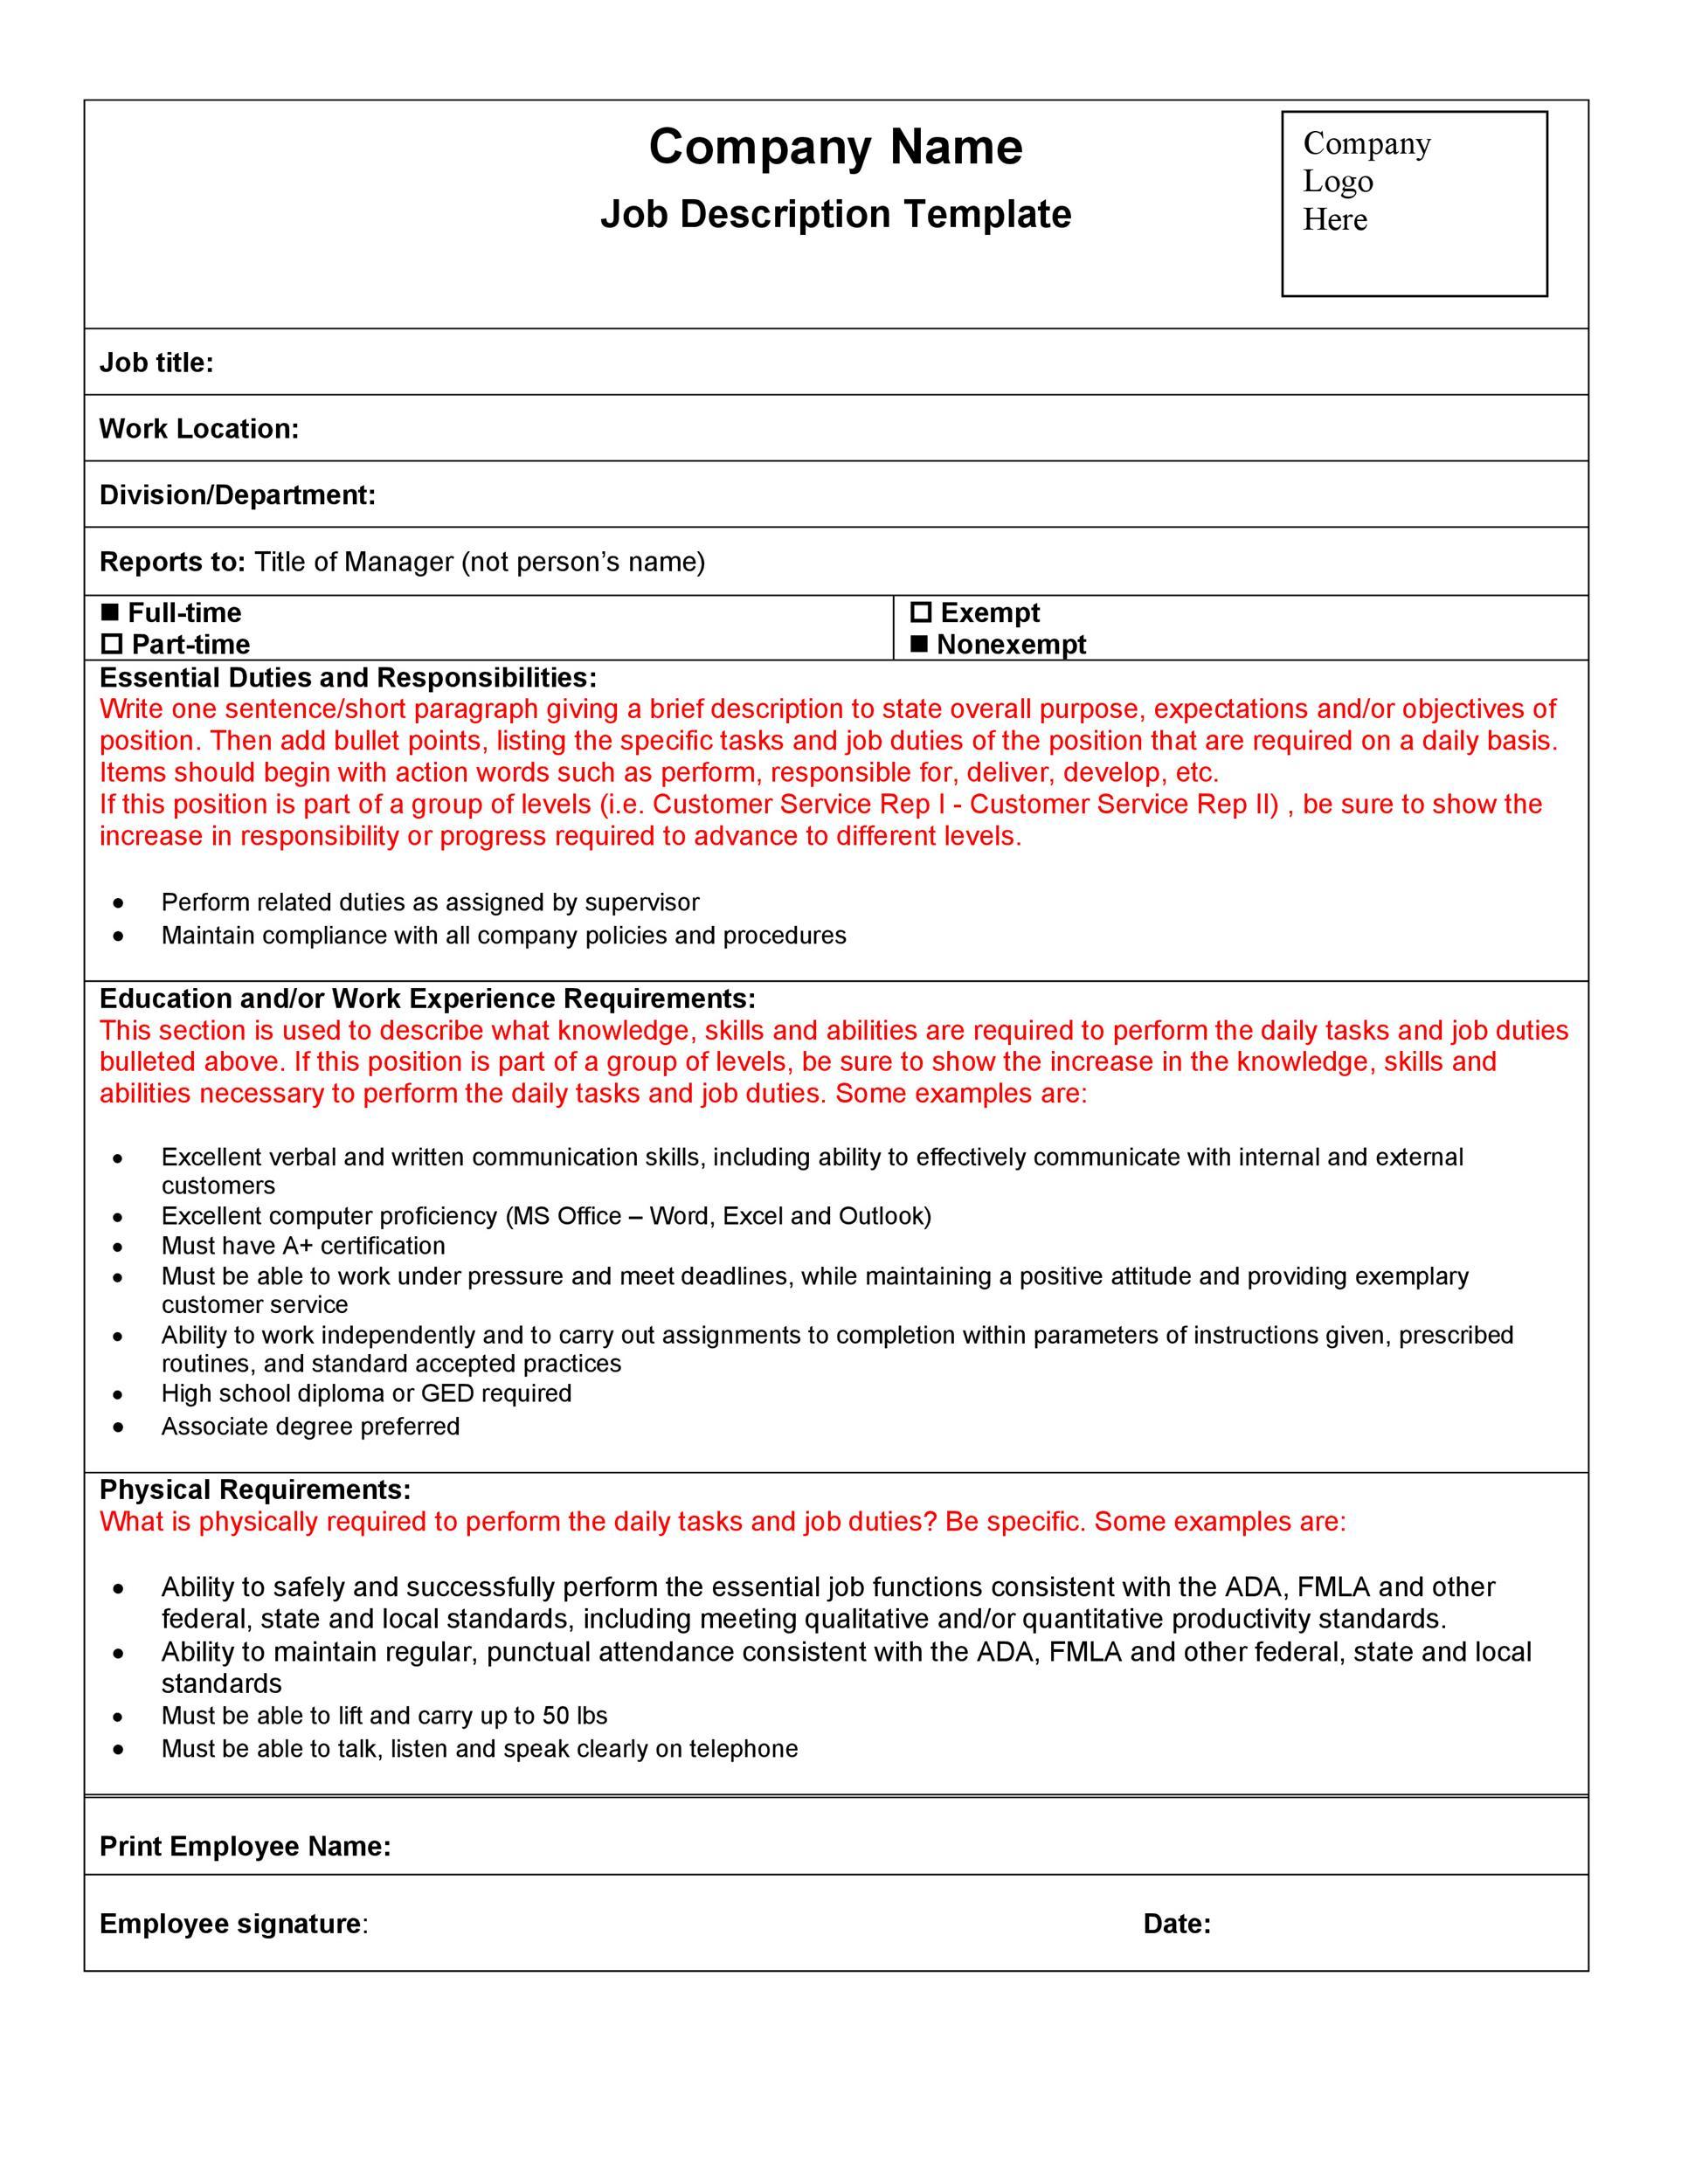 Job Description Evaluation Template – Job Evaluation Template